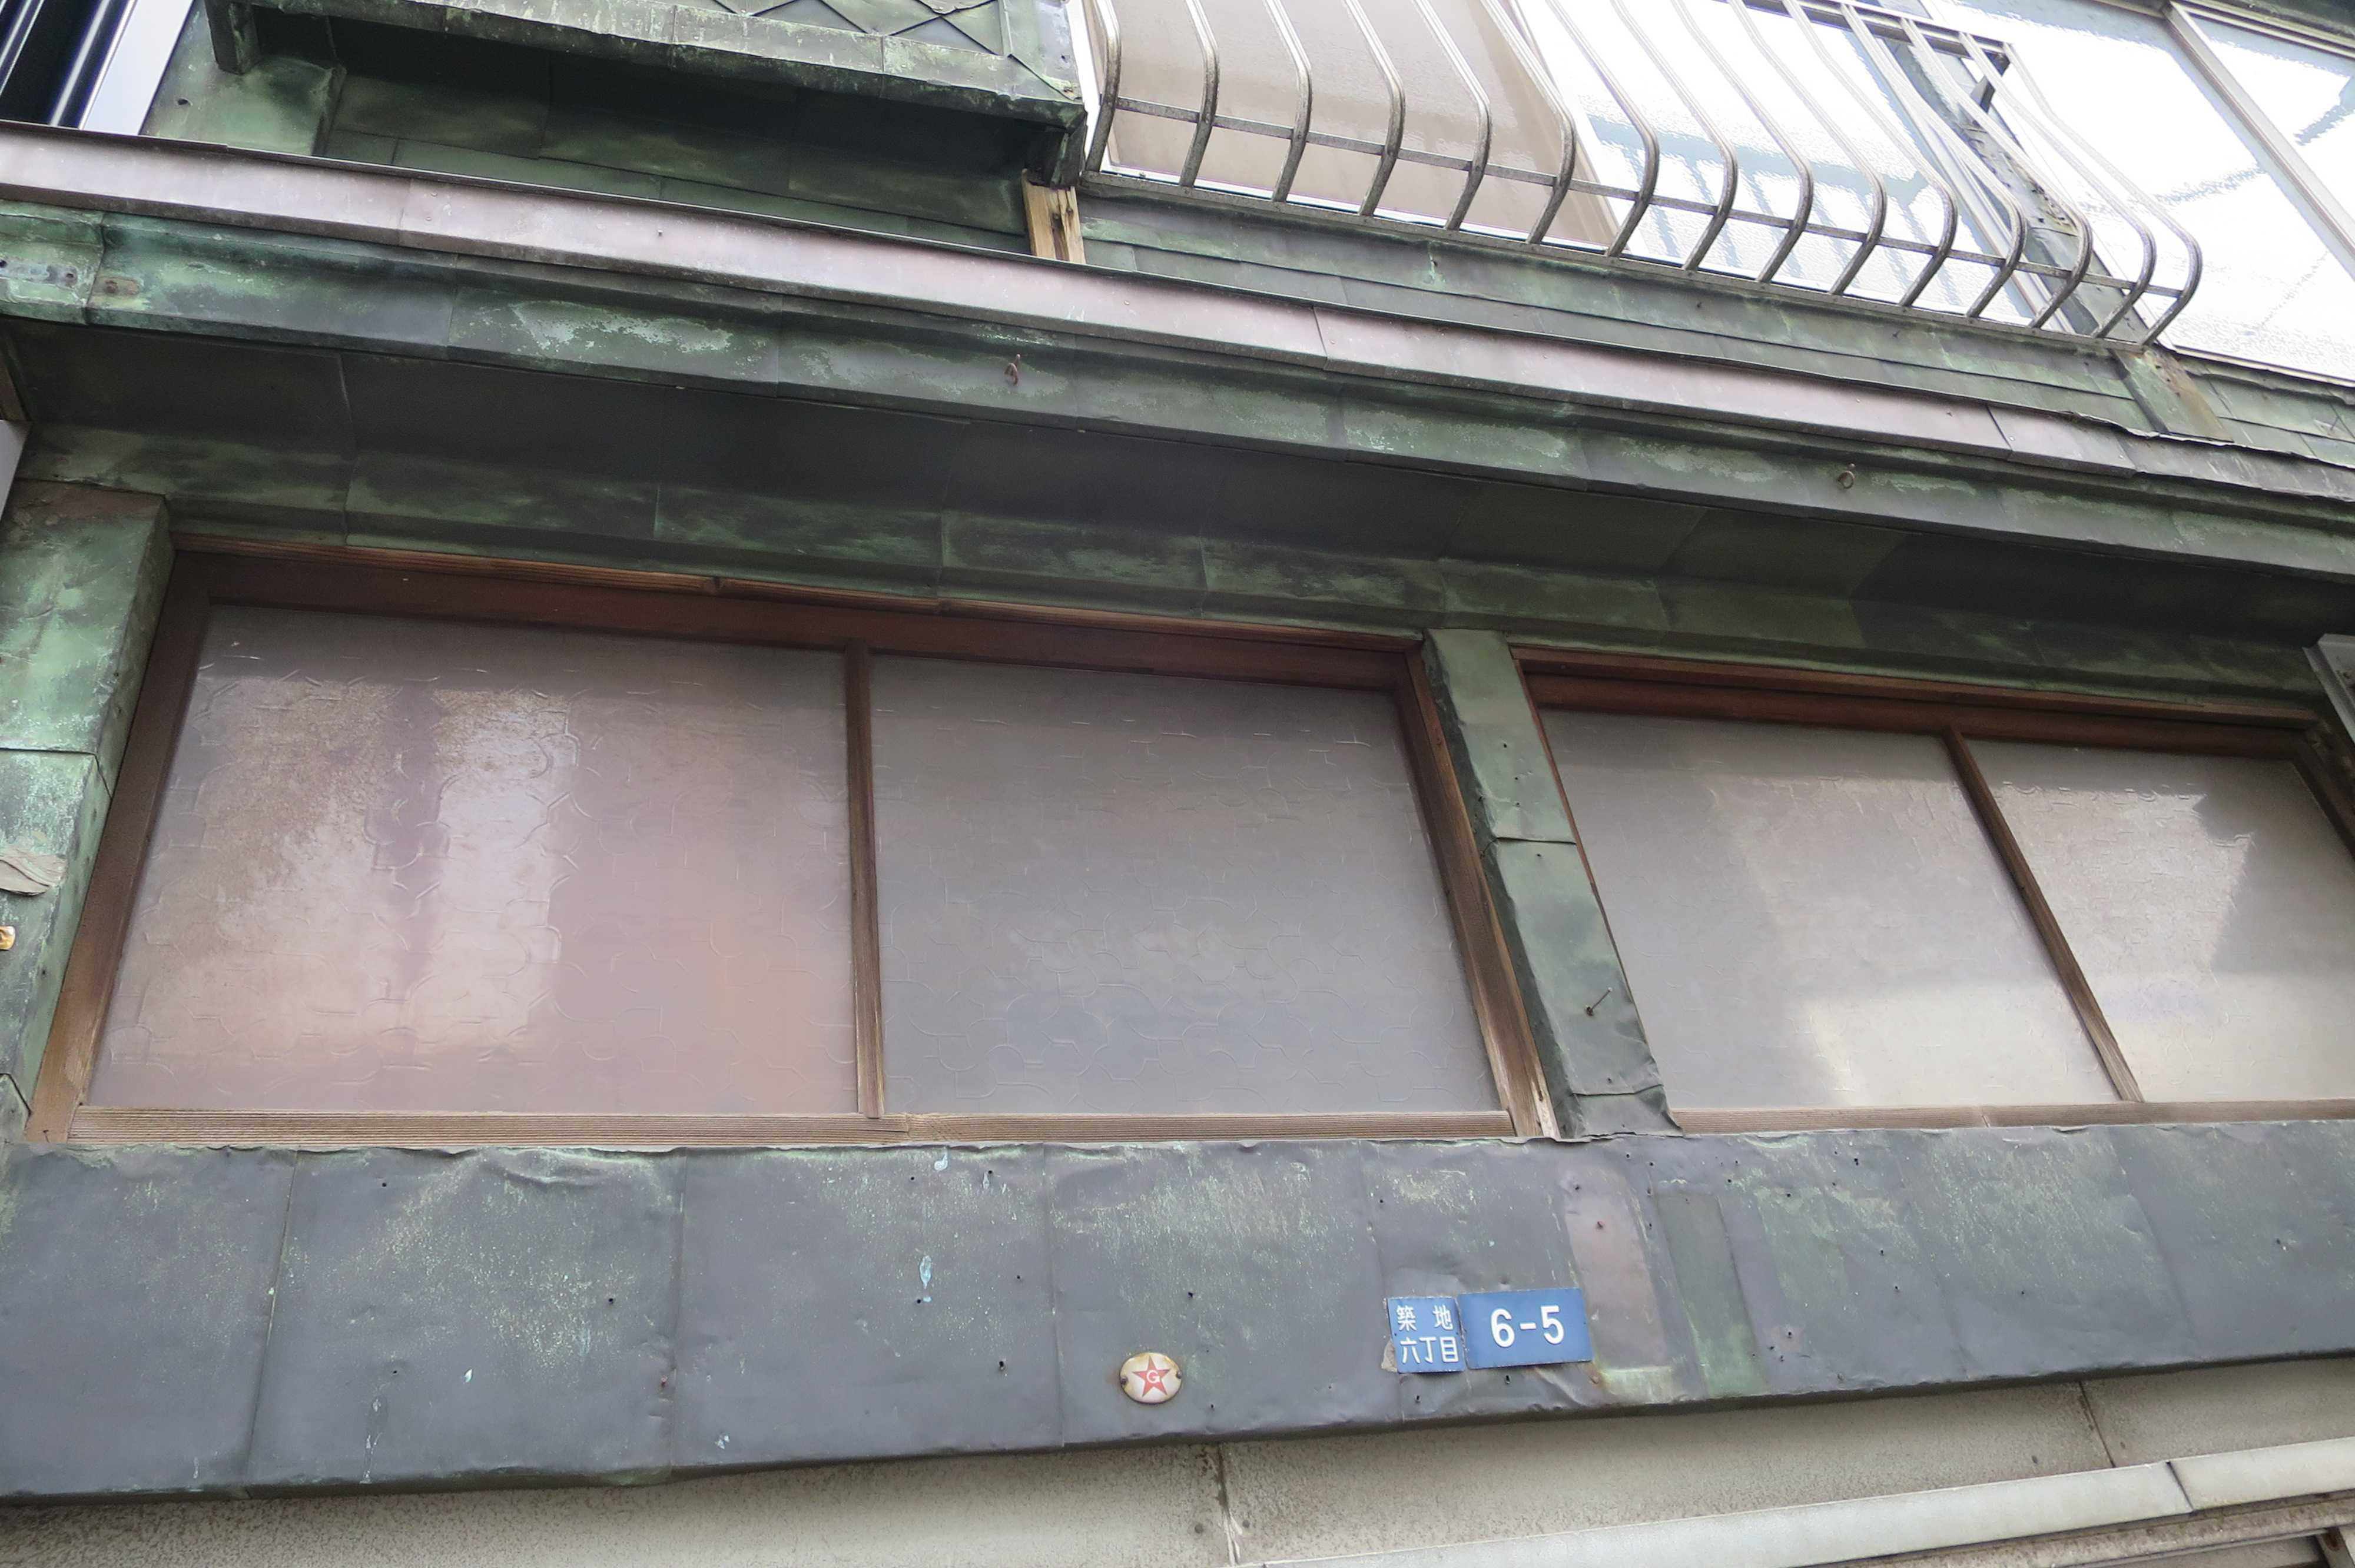 築地エリア - 「築地食料販売」の看板建築